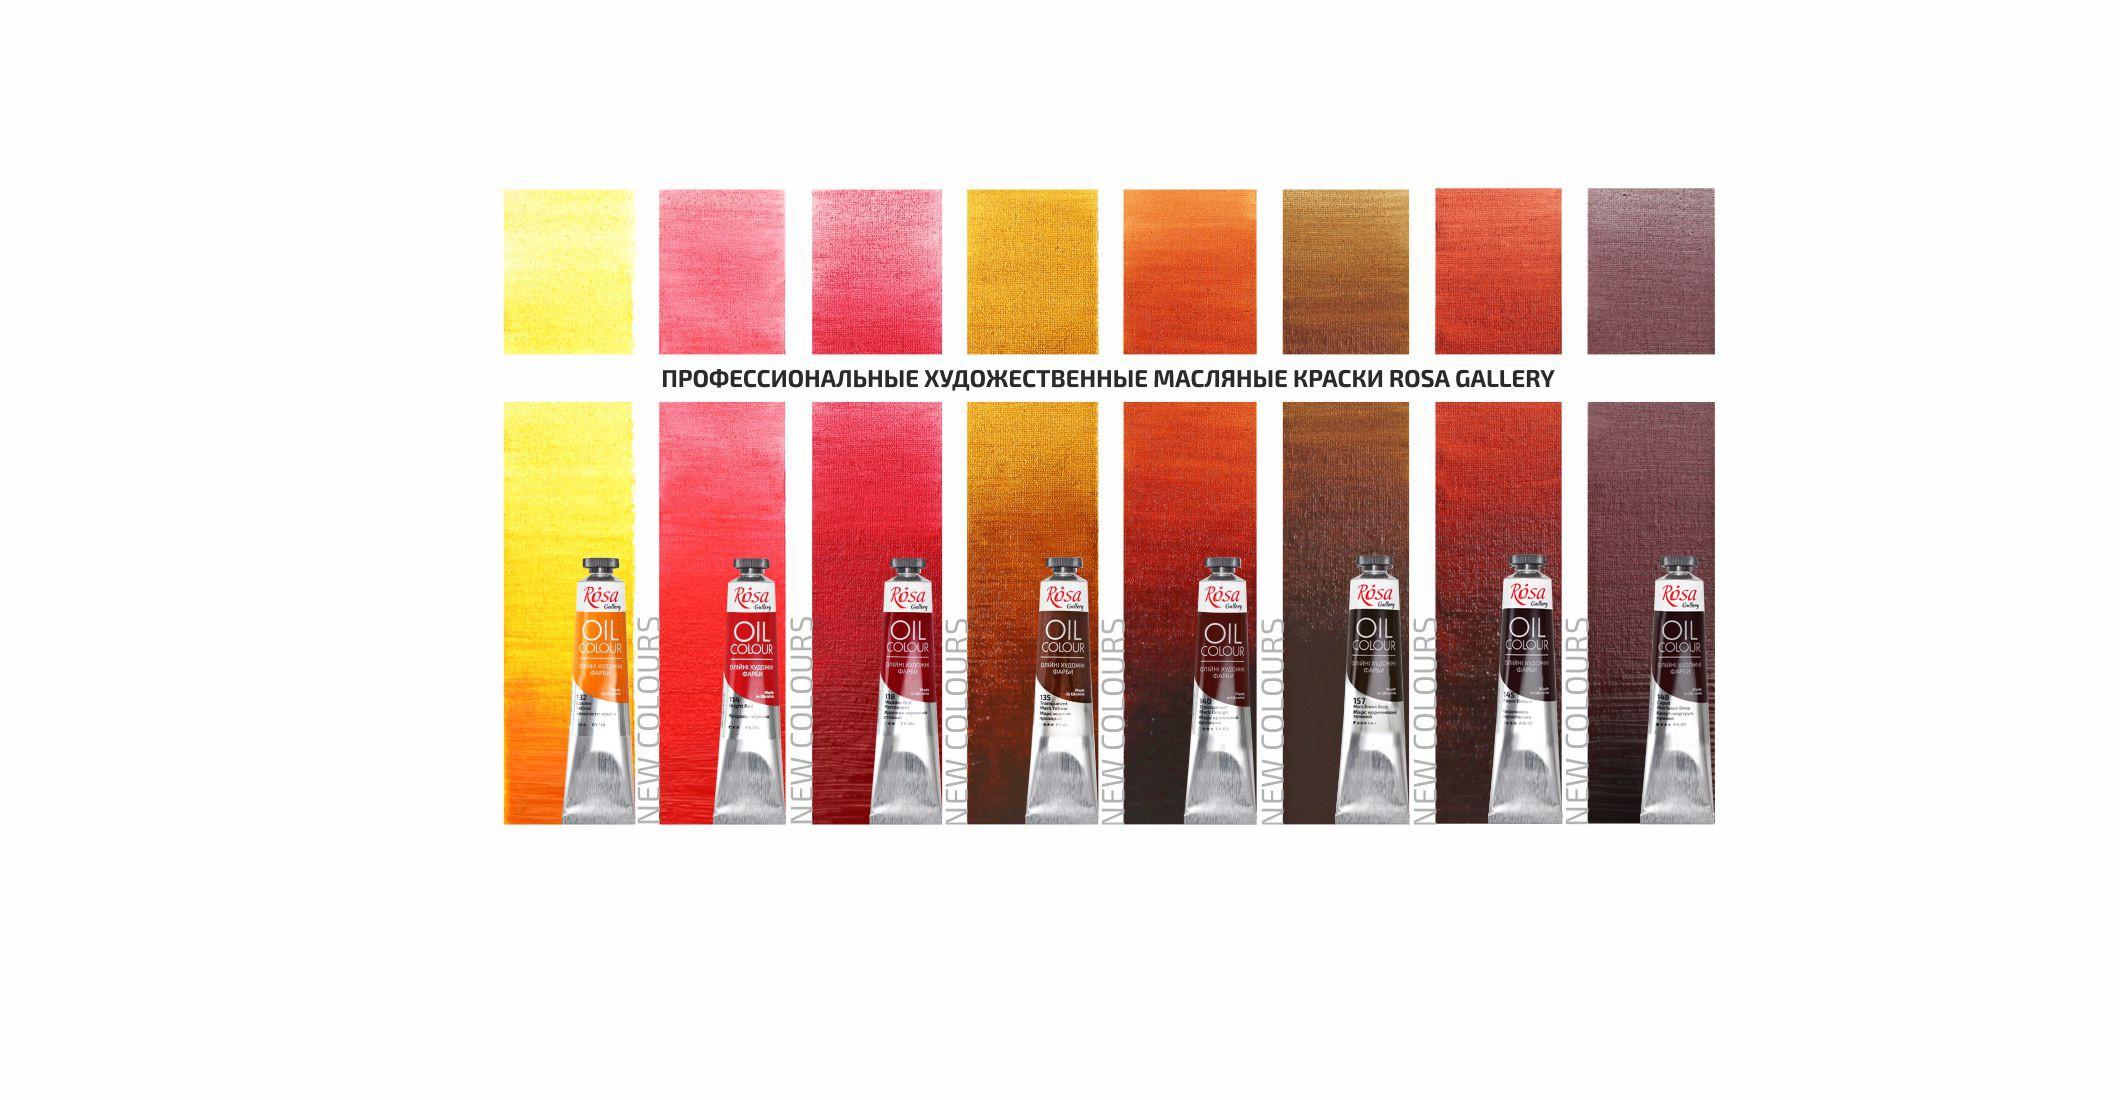 Профессиональные художественные масляные краски ROSA Gallery